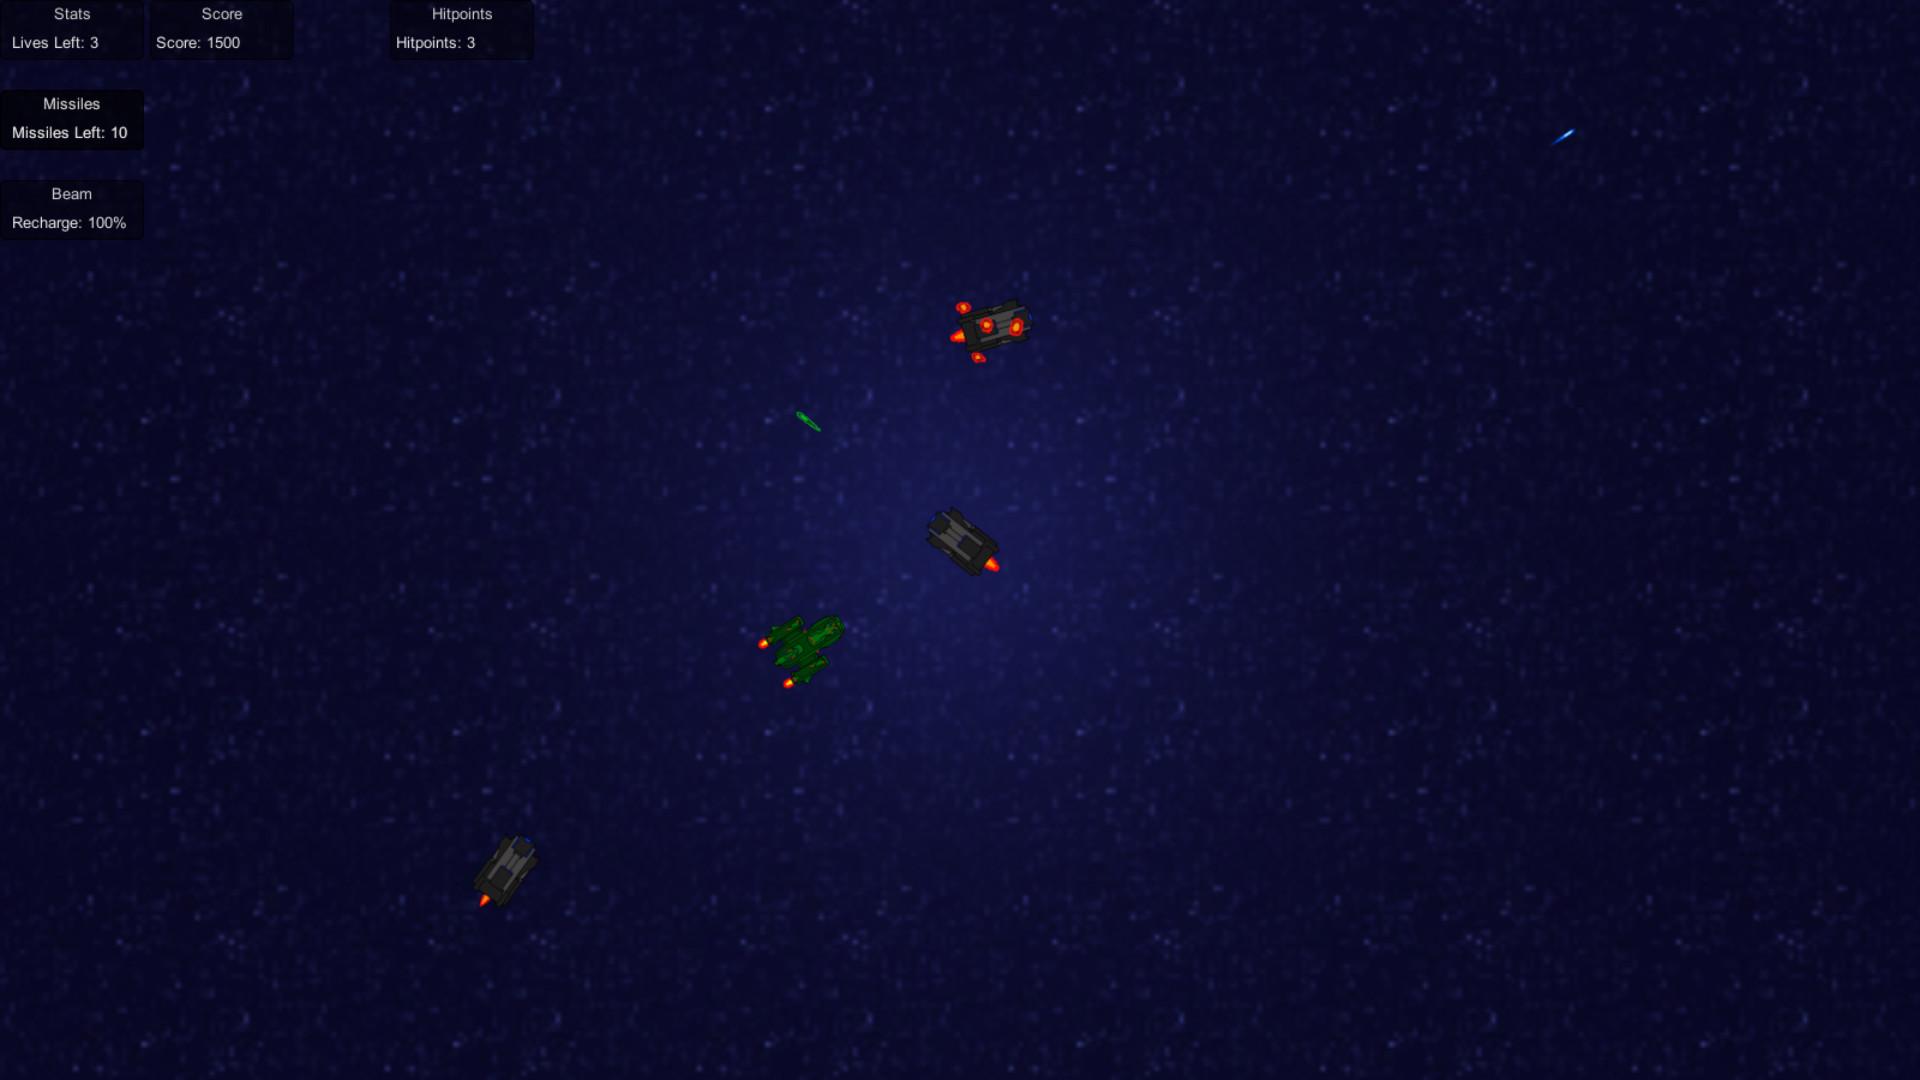 Joao salvadoretti spacegame6